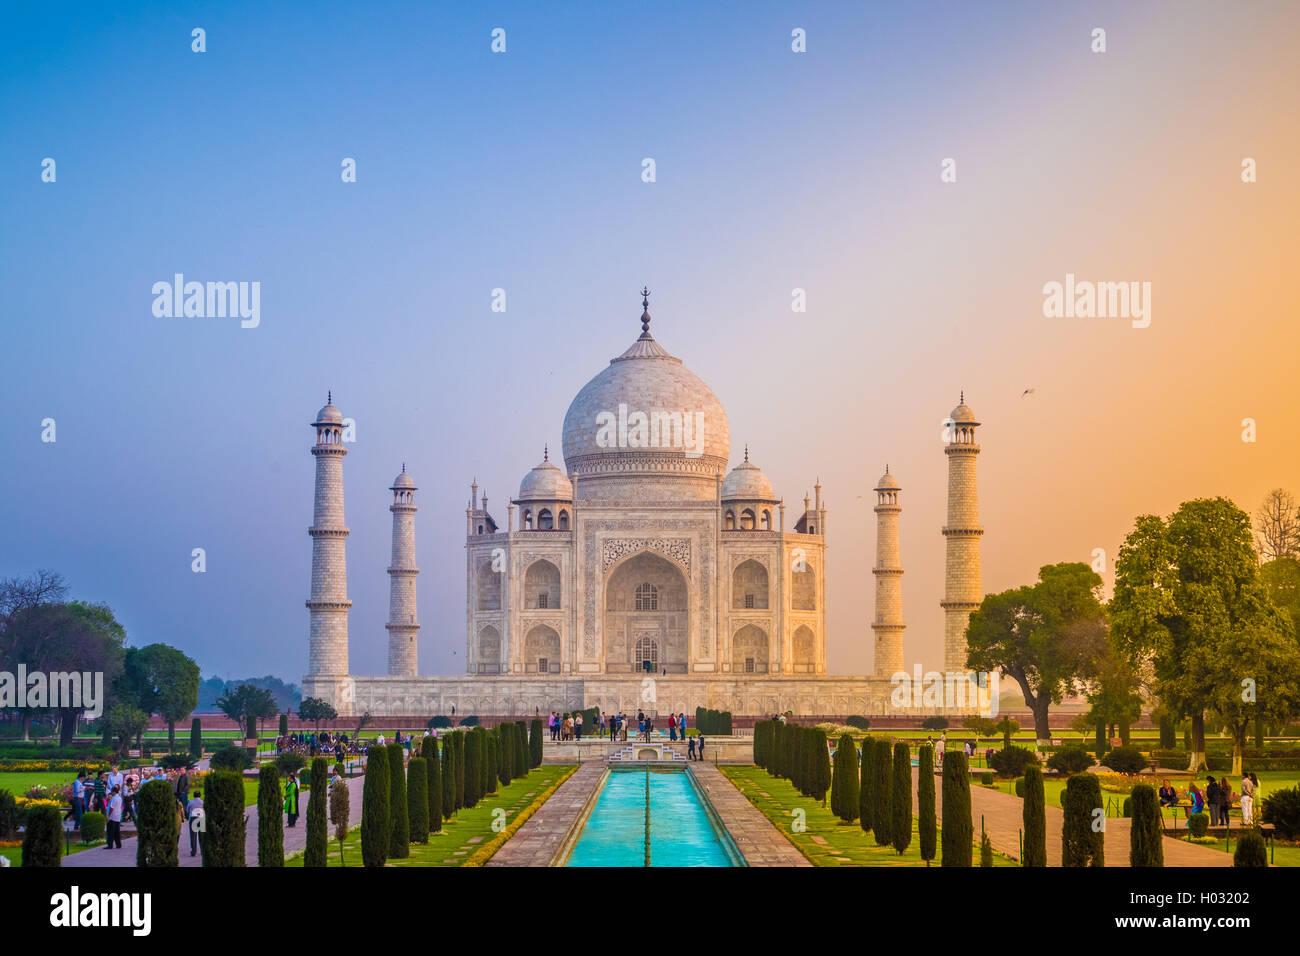 AGRA, India - 28 febbraio 2015: vista del Taj Mahal di fronte al grande cancello. Lato sud. Immagini Stock